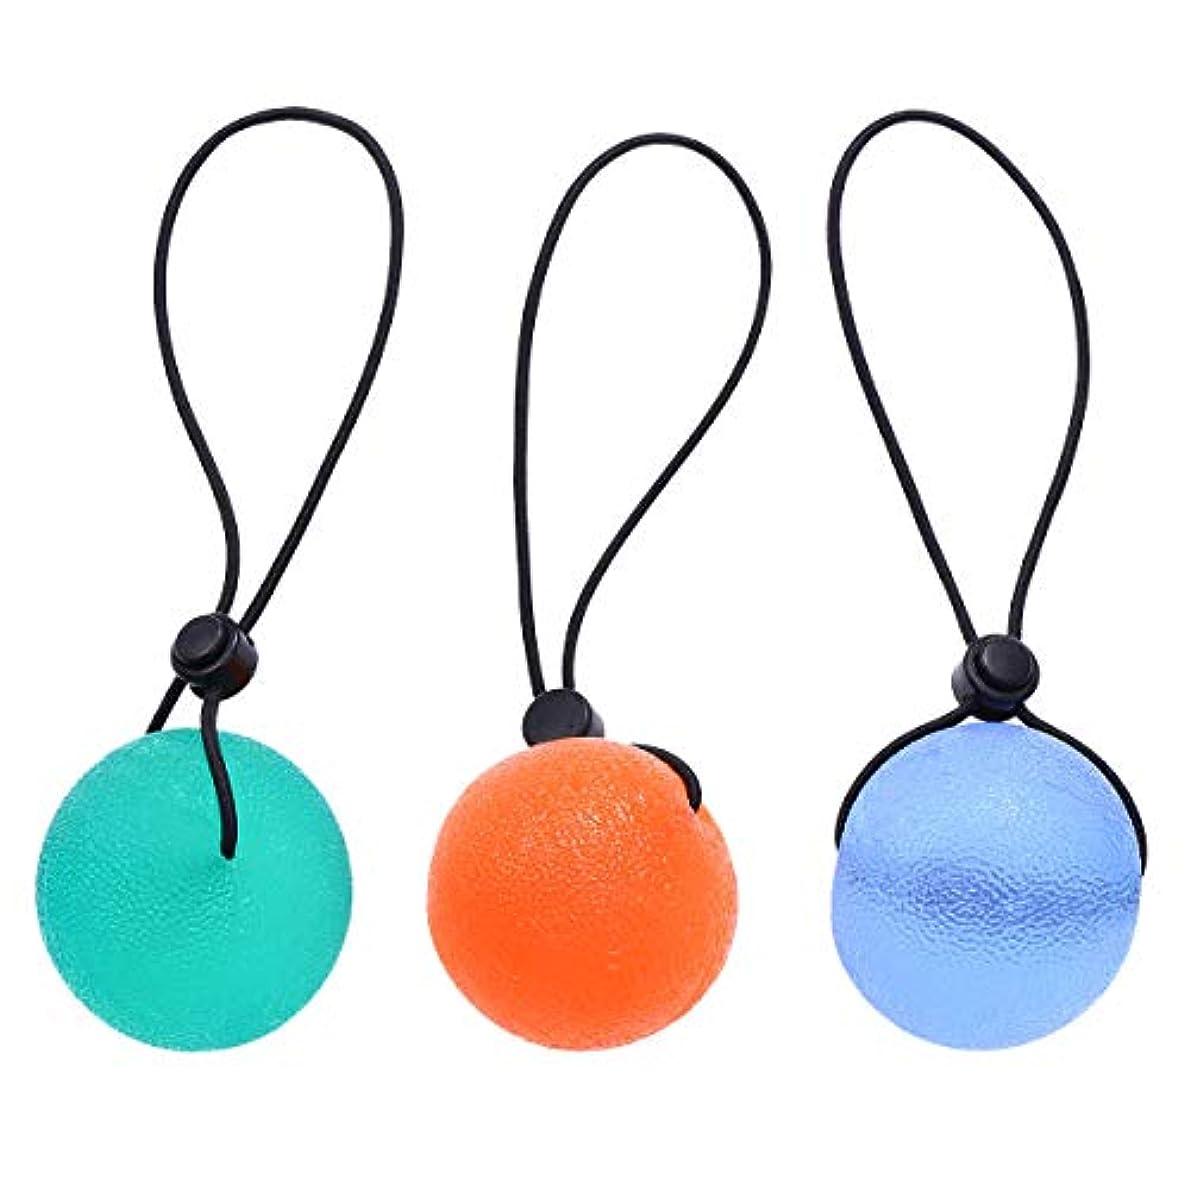 無駄なピンポイントマーキーHEALIFTY ストレスリリーフボール、3本の指グリップボールセラピーエクササイズスクイズ卵ストレスボールストリングフィットネス機器(ランダムカラー)